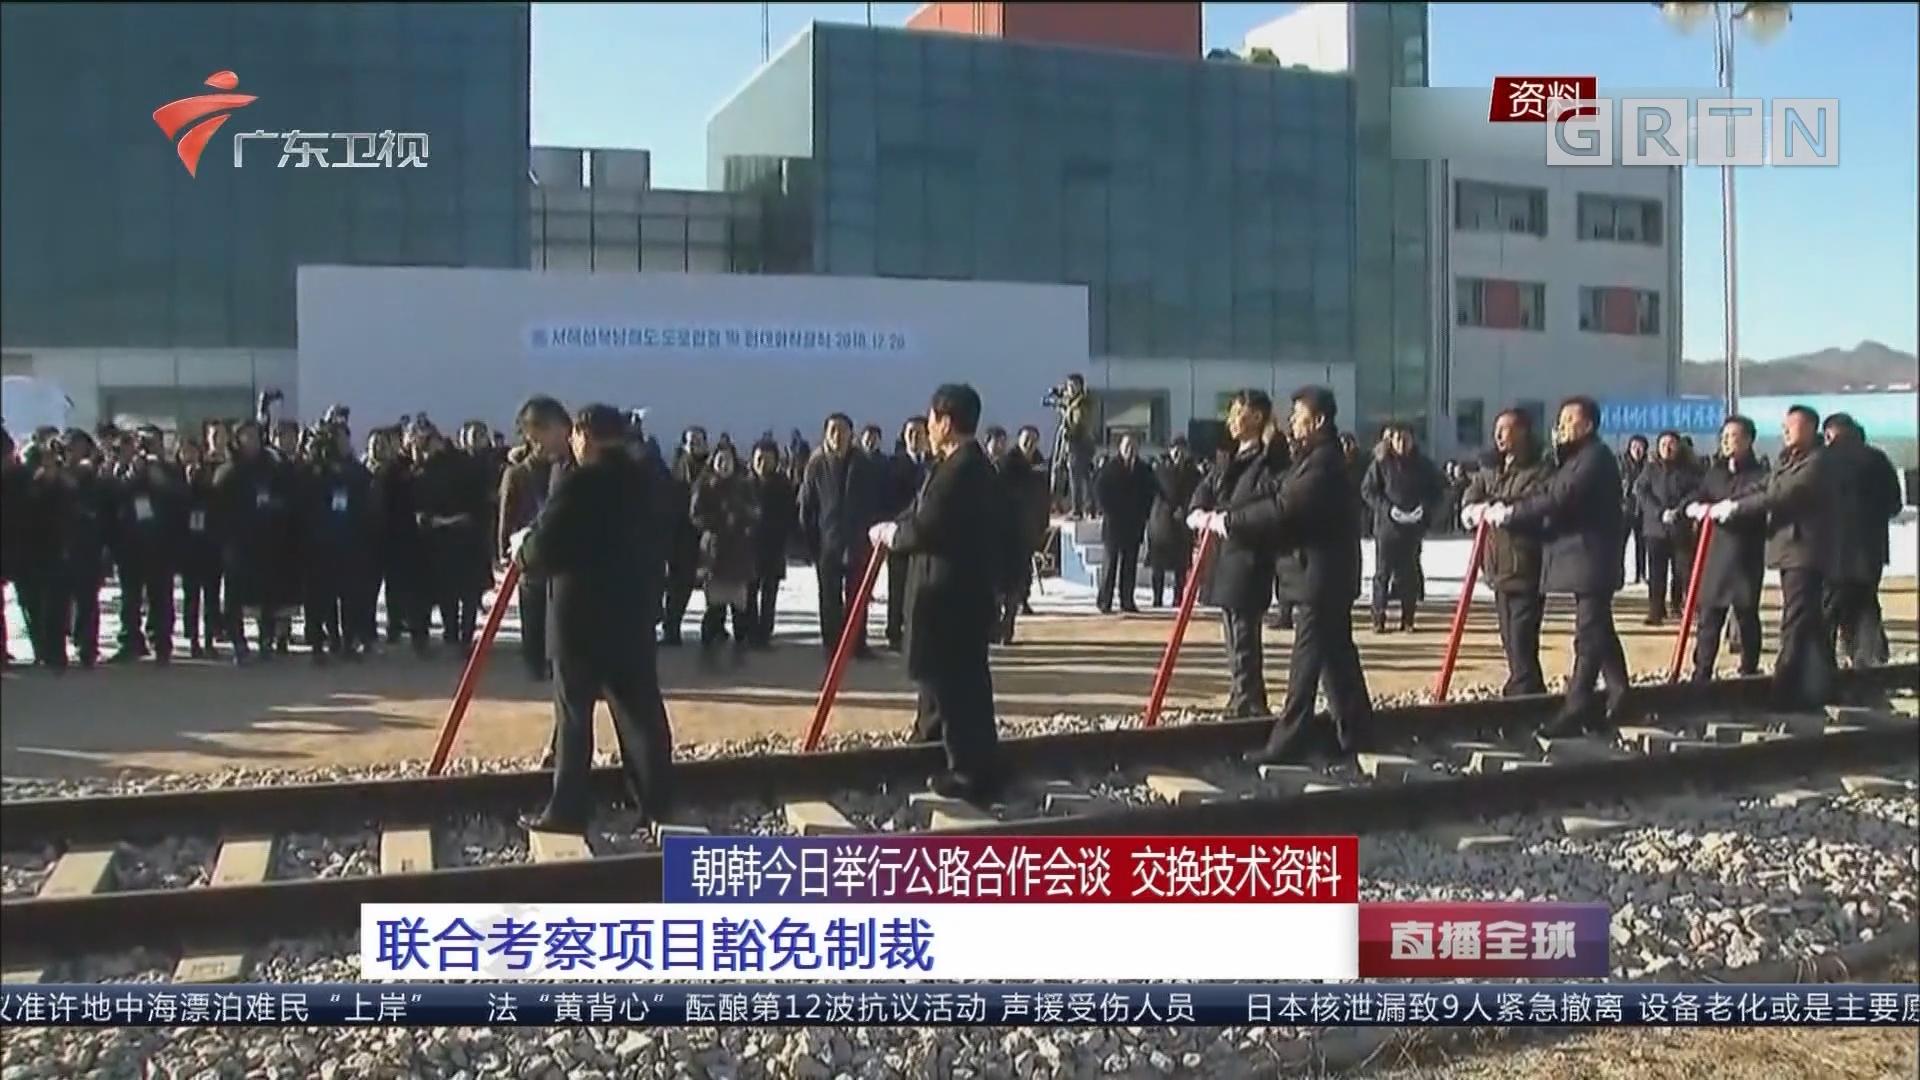 朝韩今日举行公路合作会谈 交换技术资料:联合考察项目豁免制裁